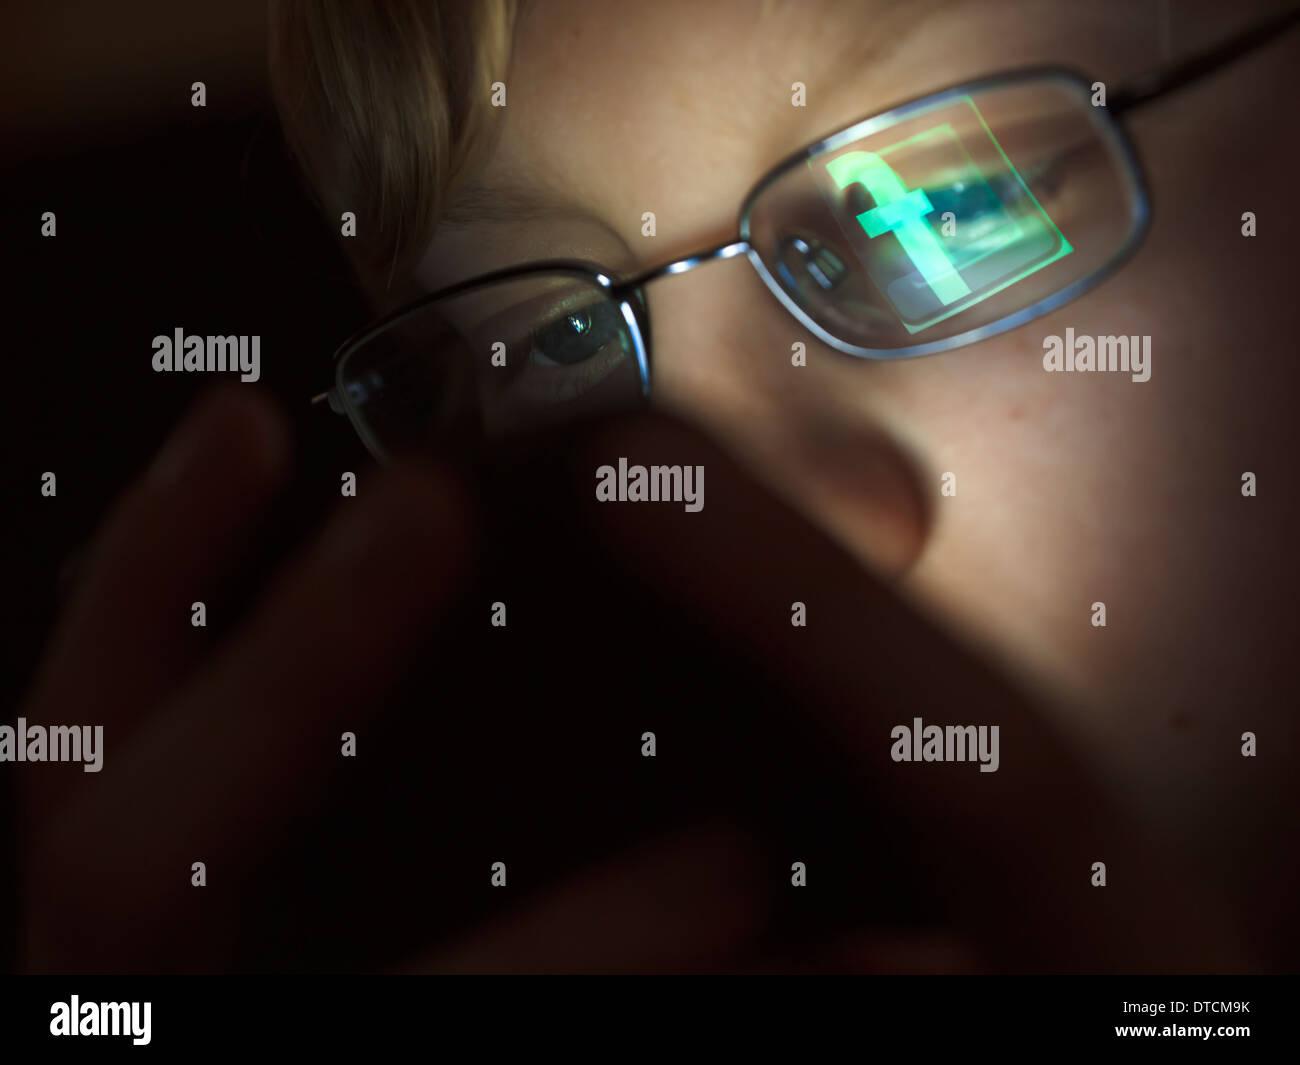 Un ragazzo adolescente è di navigare su internet usando il suo iPhone con il logo di Facebook si riflette nel ragazzo in bicchieri. Immagini Stock